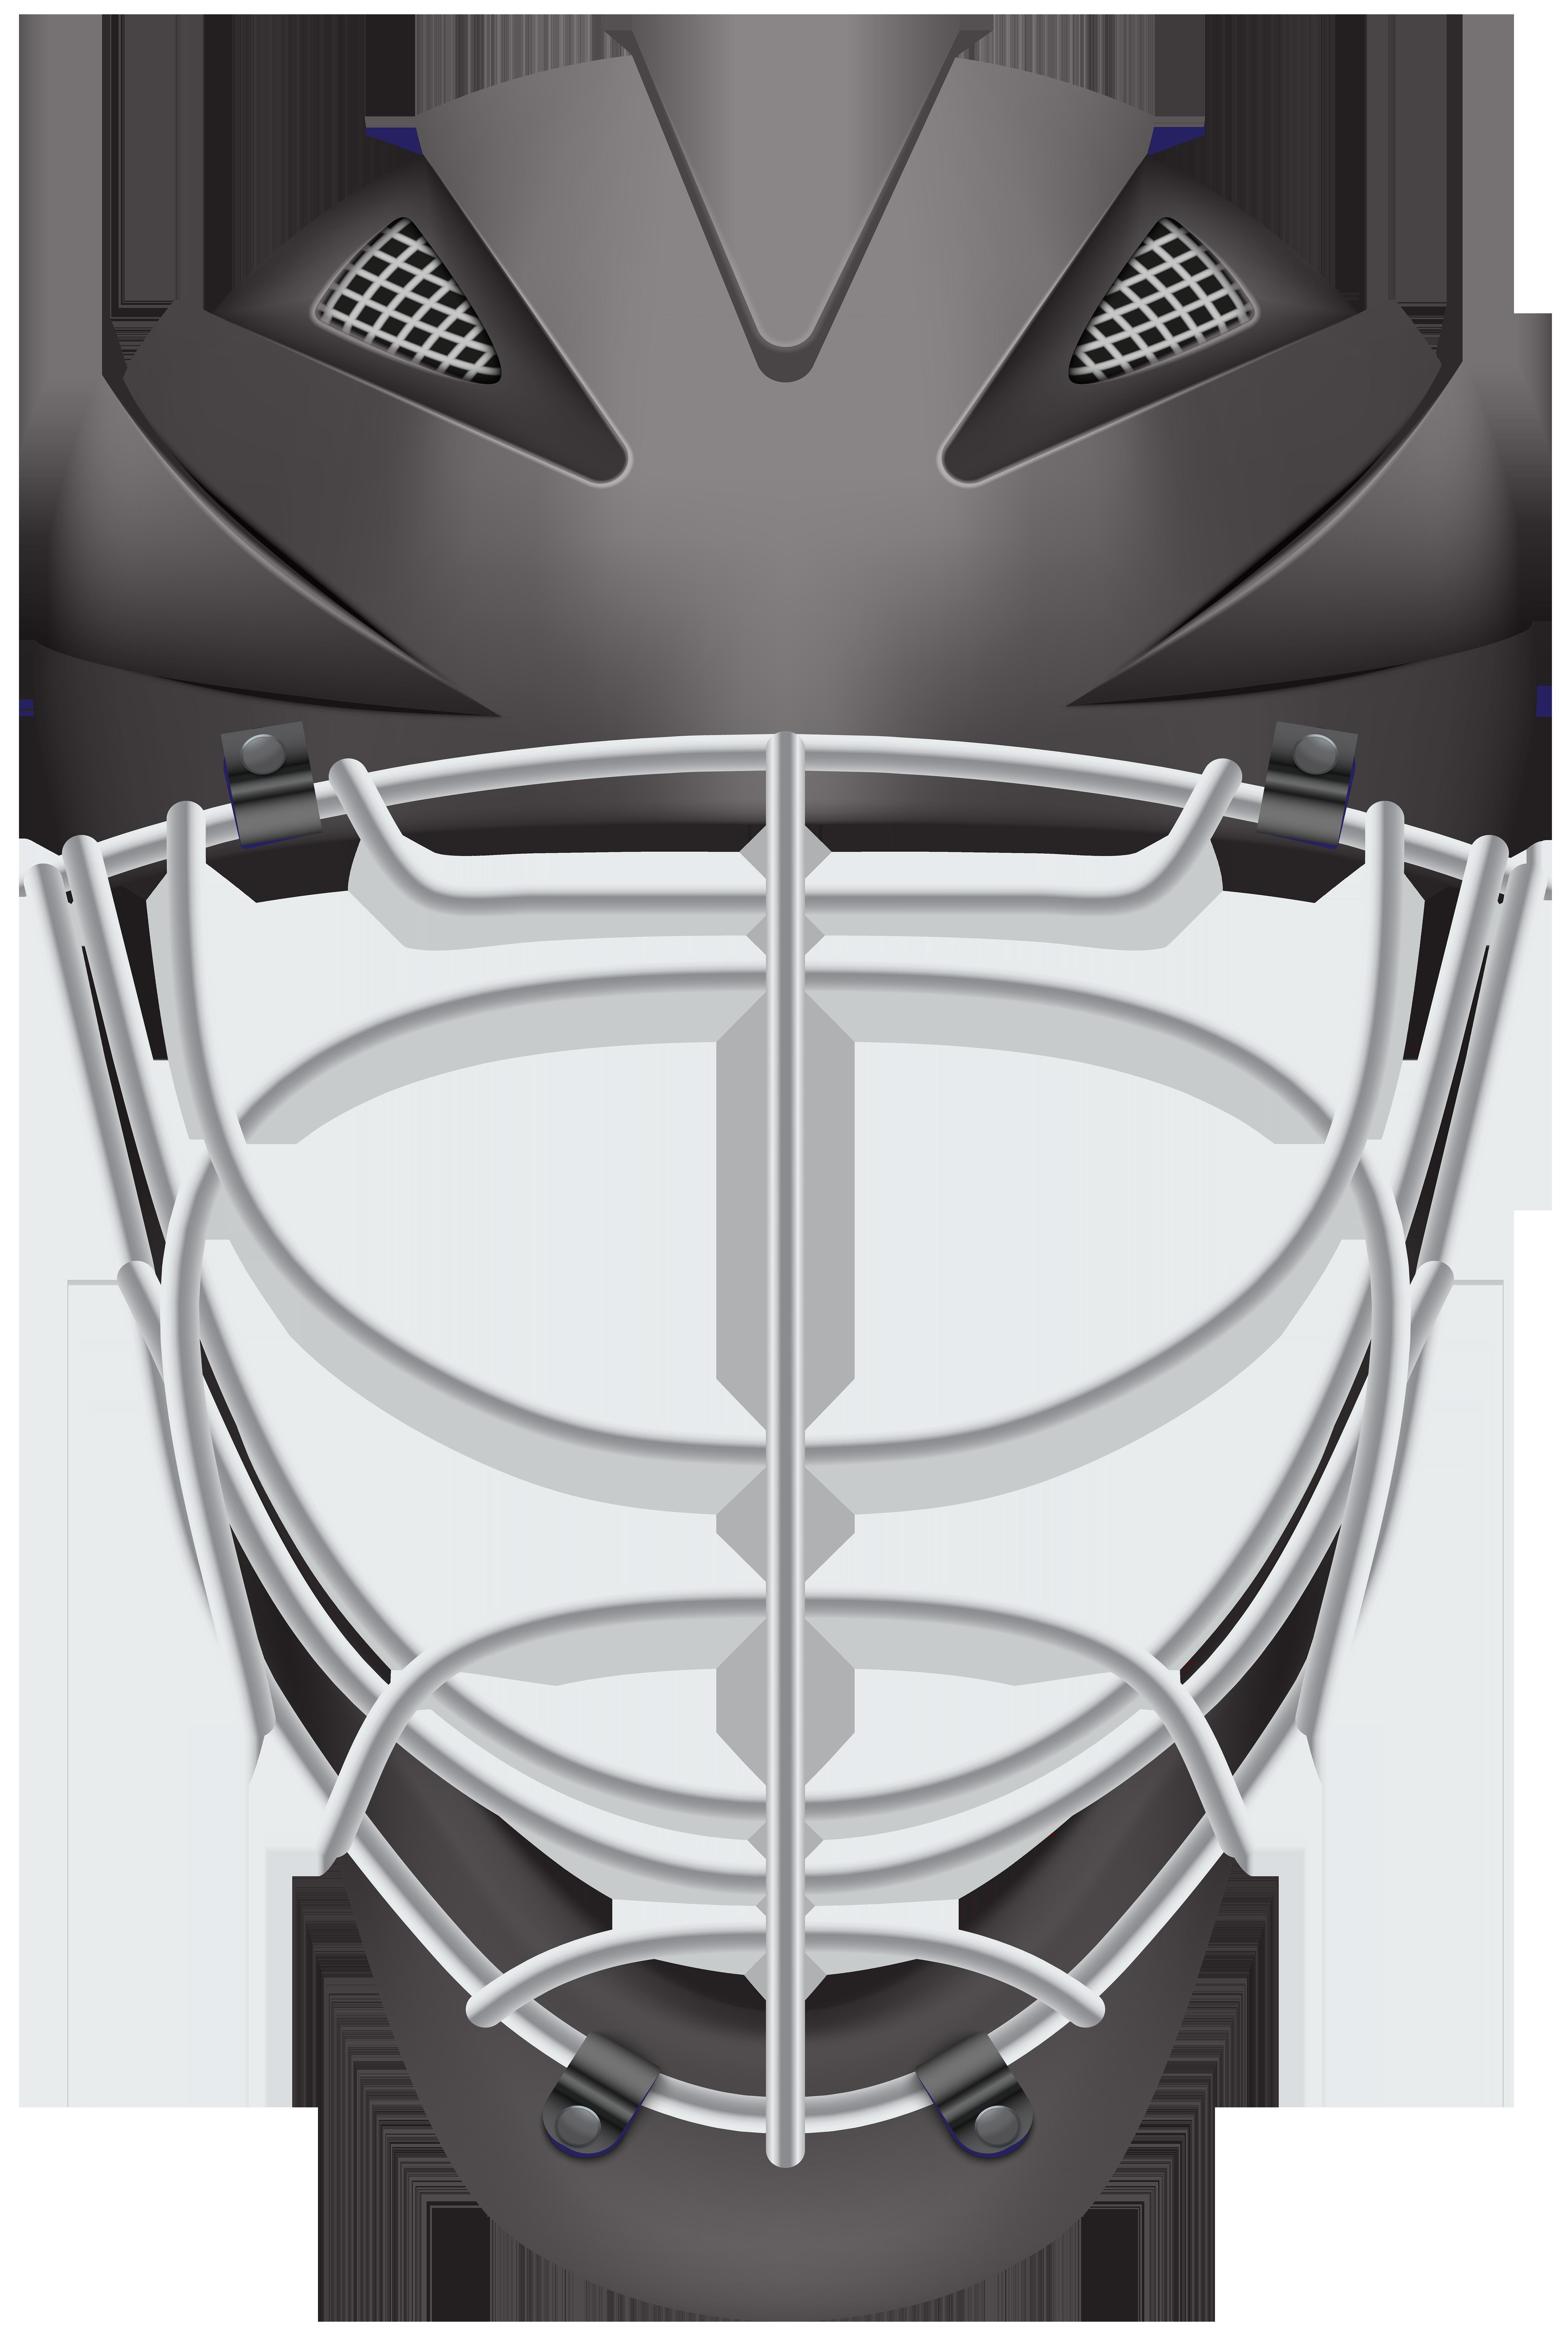 Baseball helmet clipart black and white image black and white library Football helmet Lacrosse helmet Hockey helmet Clip art - Hockey ... image black and white library